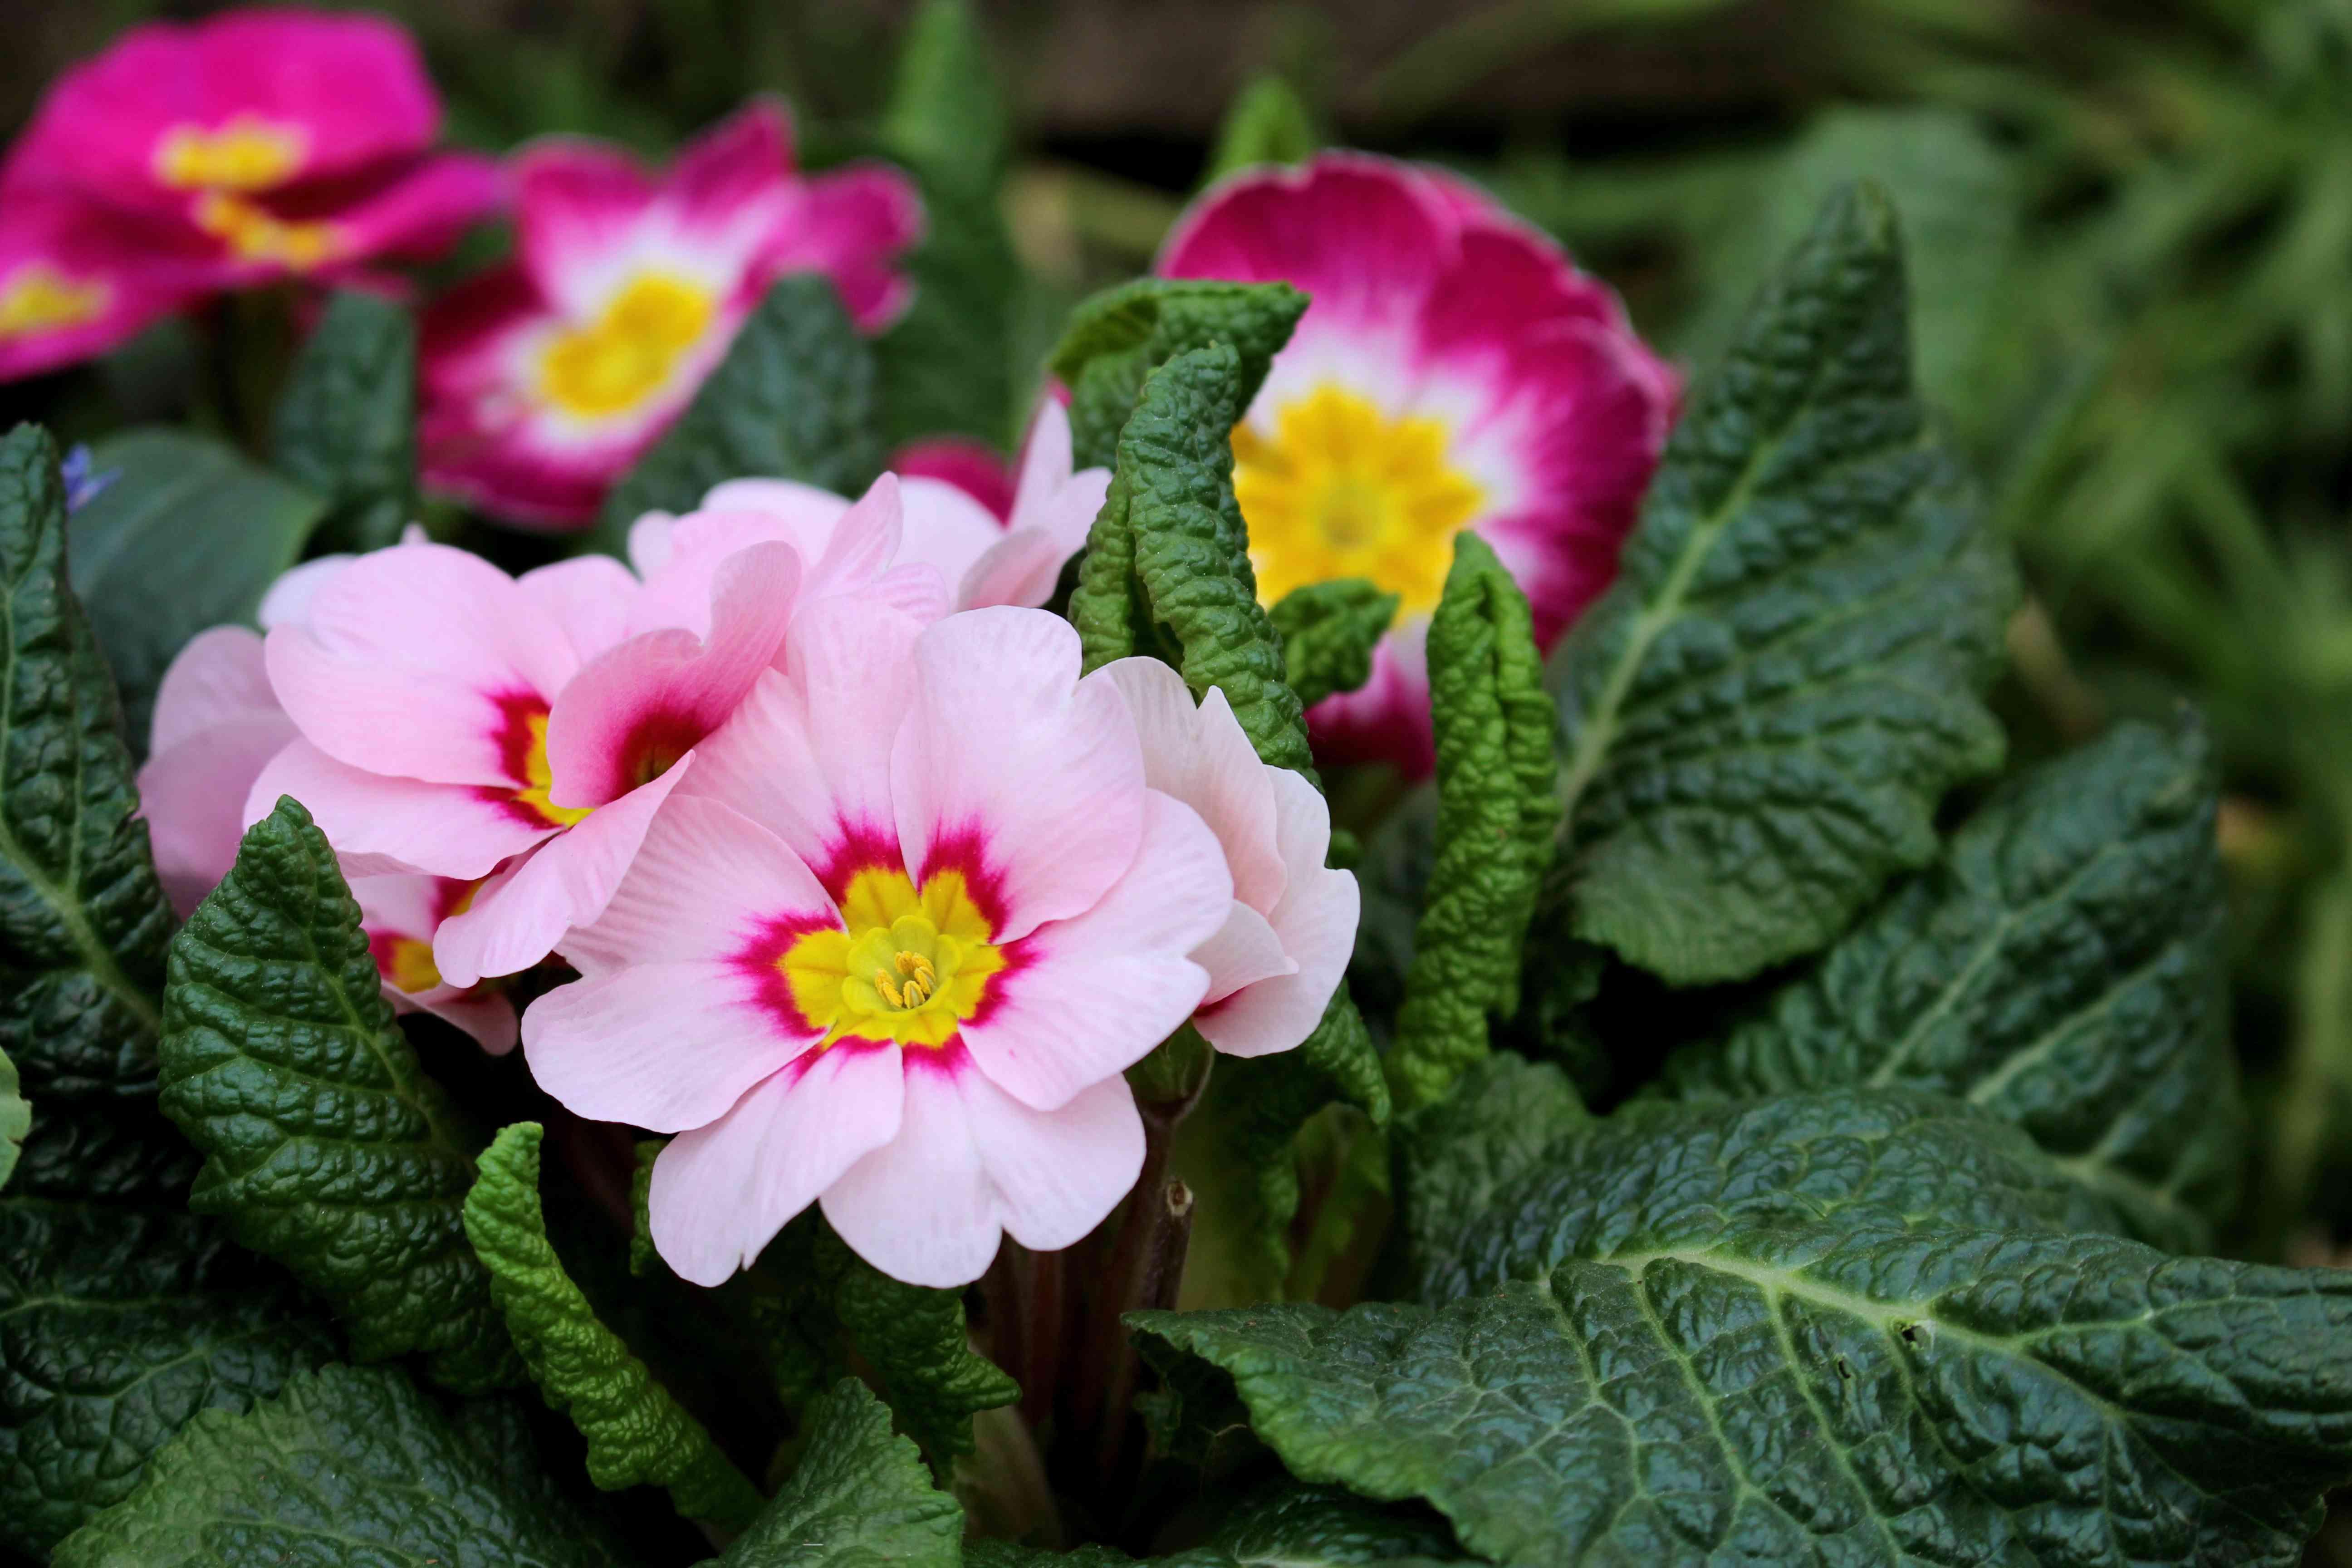 colorful pink primroses